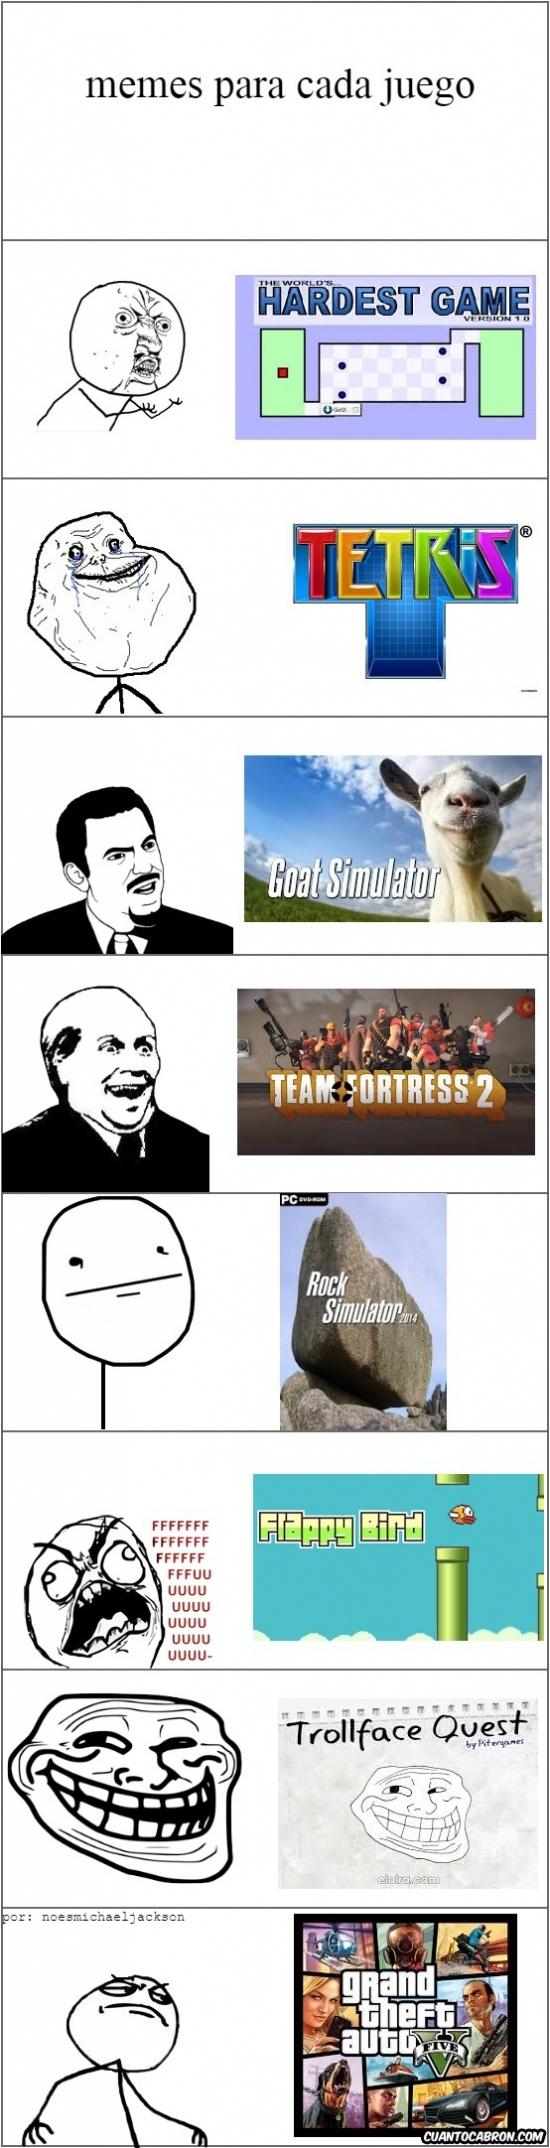 Friki - Cada meme tiene su juego favorito